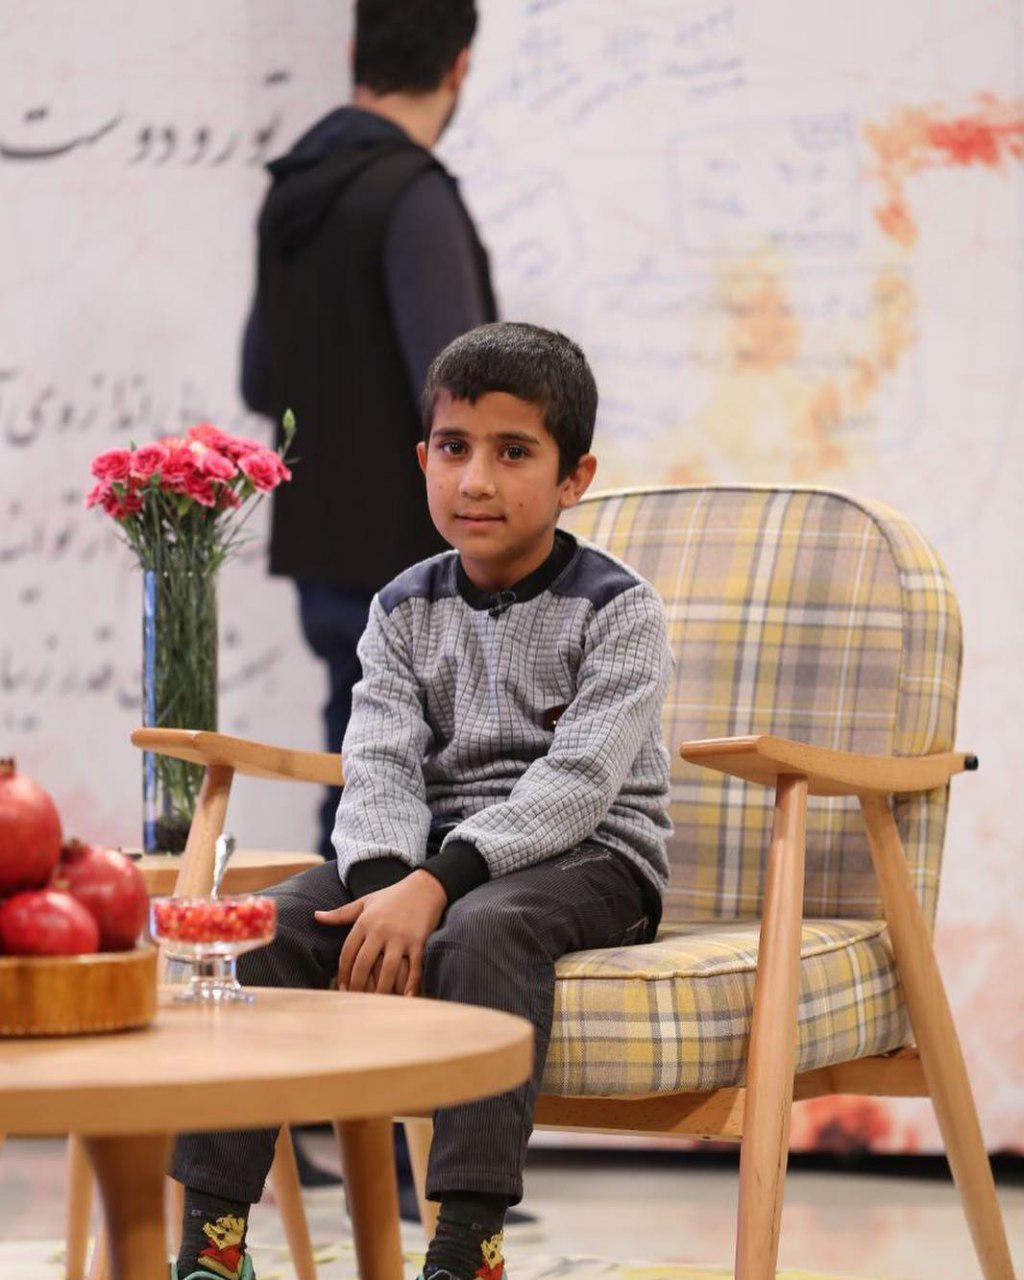 آموزش مهارت کار به کودکان کرمانی